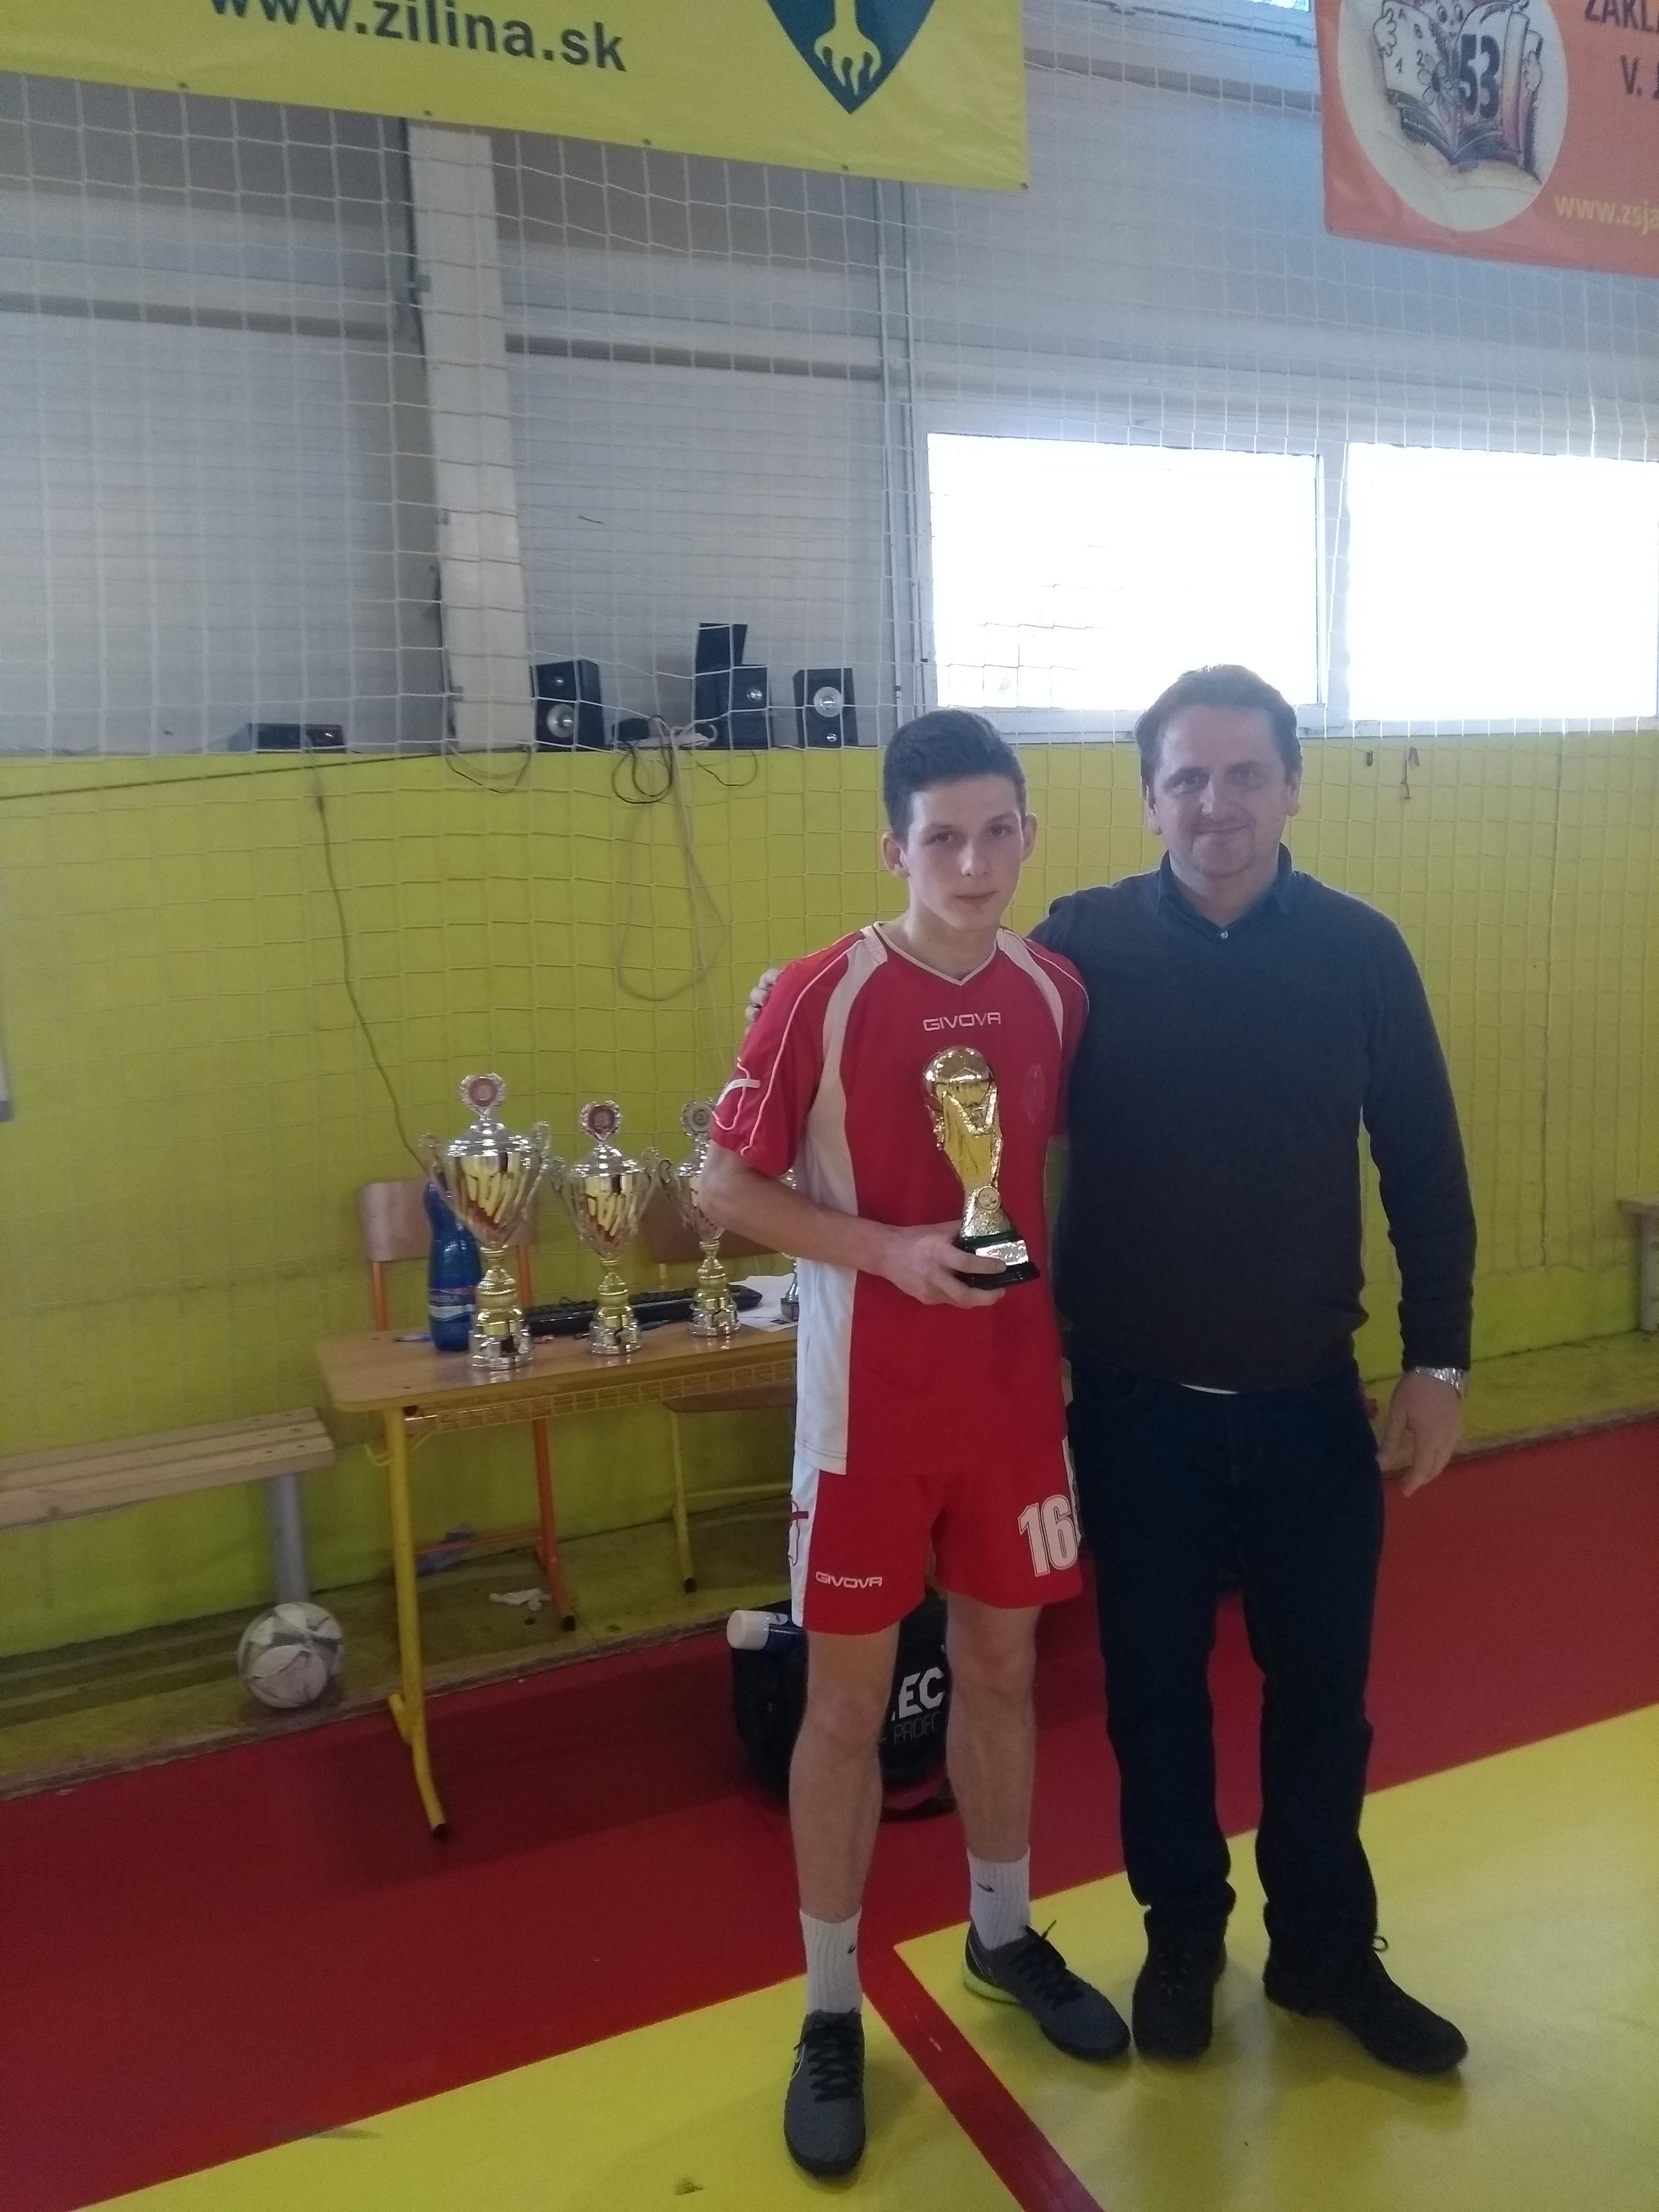 Peter Kavalek preberá cenu za najlepšieho hráča od starostu Snežnice MVDr. Hlavatého